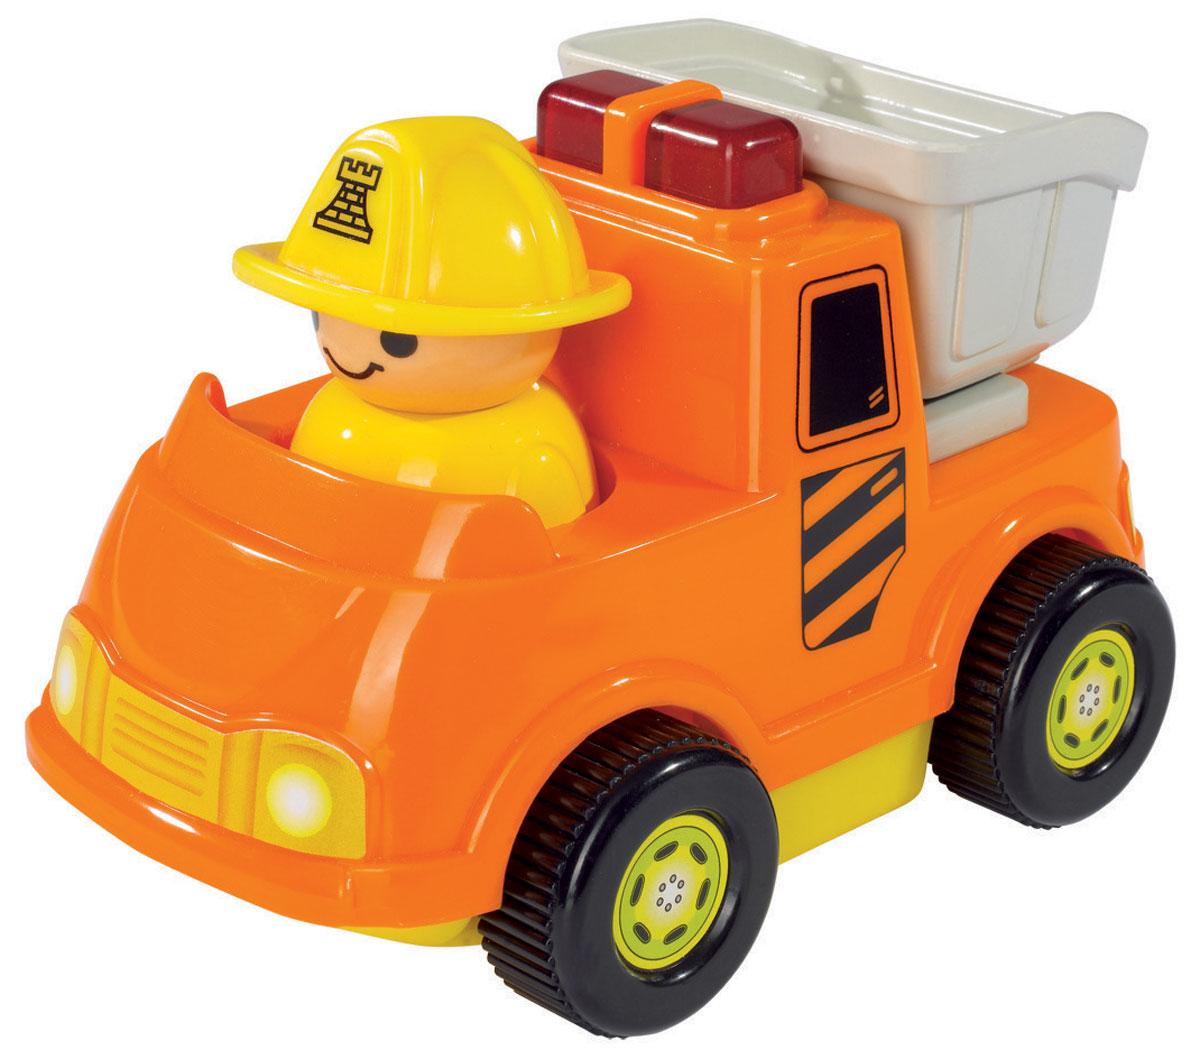 Simba Мини-машинка цвет оранжевый4019623_оранжевыйОчаровательная мини-машинка Simba обязательно придется по душе вашему малышу. Игрушка представлена в виде яркой машинки с человечком в желтой каске. Машинка не имеет острых углов и мелких деталей и идеально подходит для детей от 12 месяцев. При нажатии на кнопу, находящуюся на кузове, машинка издает звуки сирены и мигает, а при движении фигурка человечка начинает покачиваться из стороны в сторону. Такая игрушка способствует развитию у малыша тактильных ощущений, мелкой моторики рук и координации движений. Рекомендуется докупить 2 батарейки напряжением 1,5V типа АА (товар комплектуется демонстрационными).